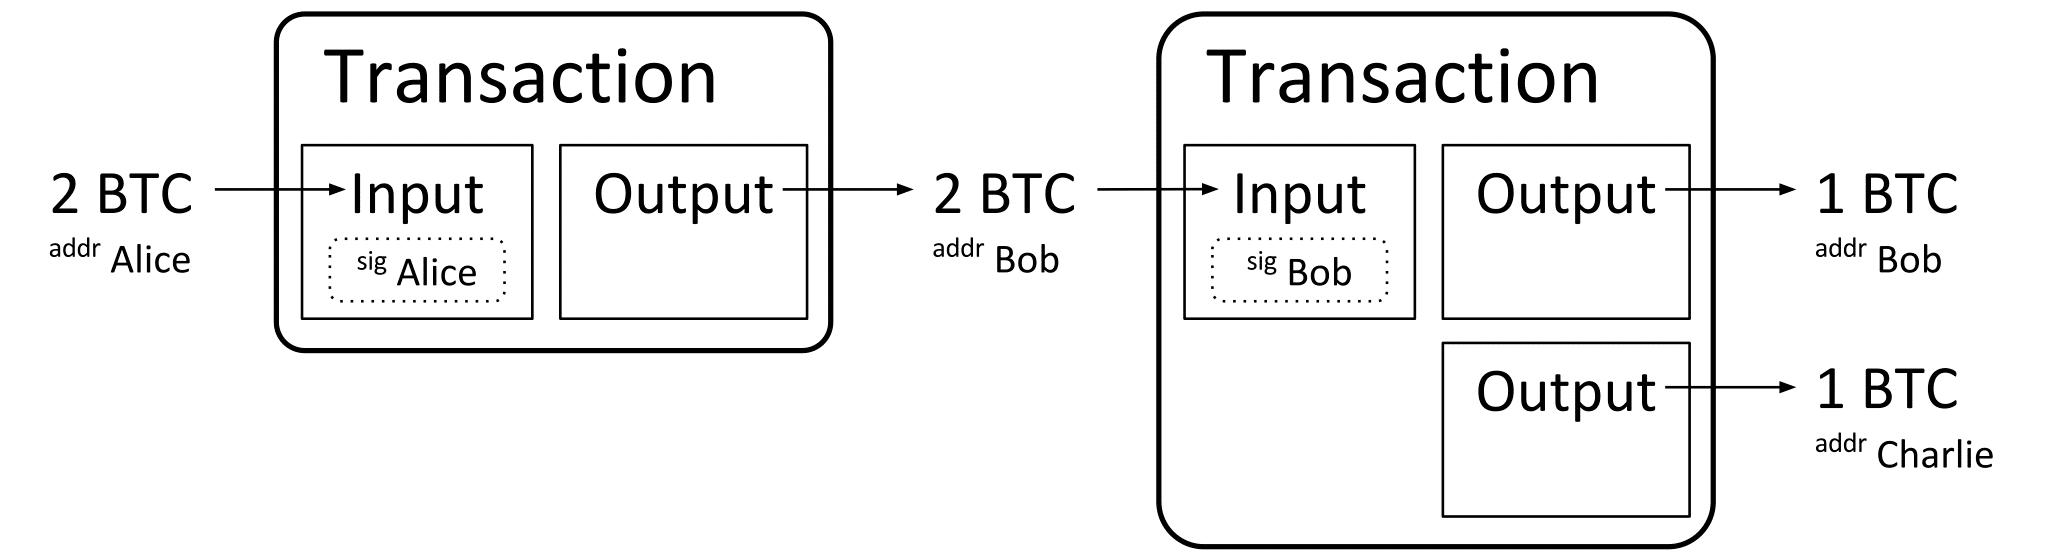 A high-level skeleton diagram of a Bitcoin transaction